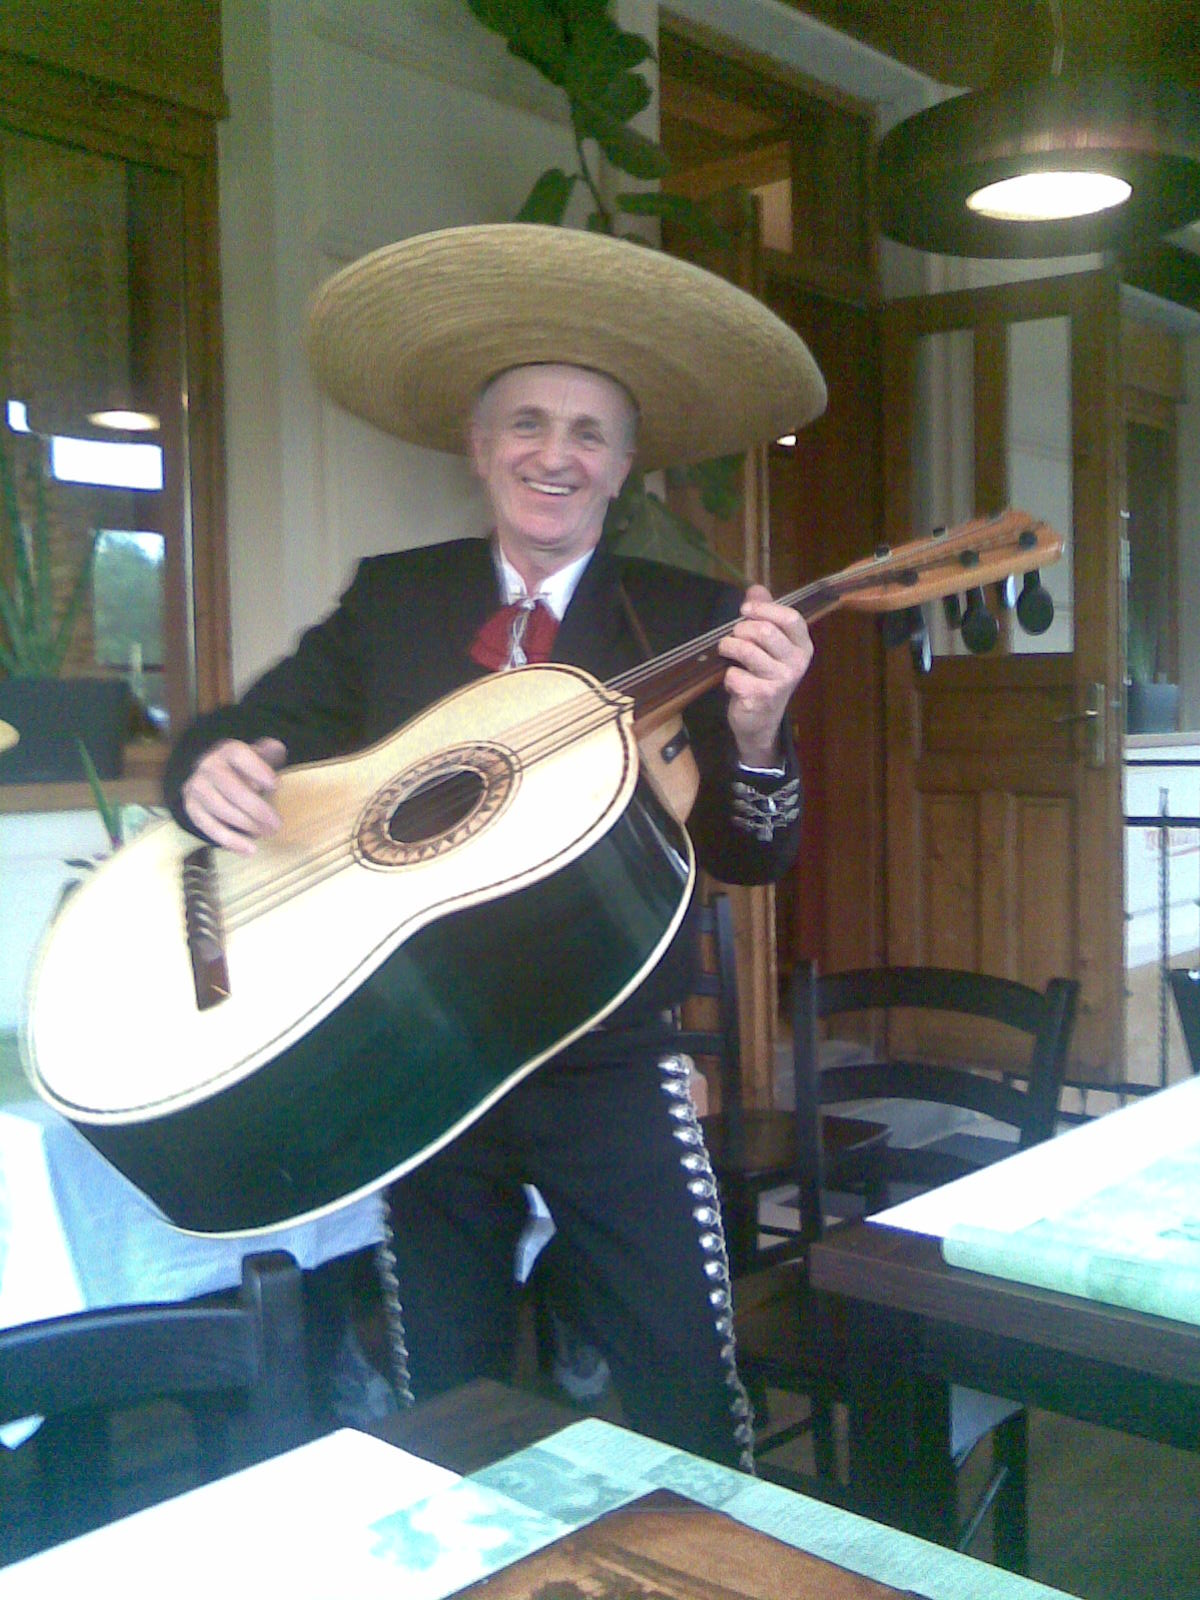 Caballero majestuoso El Zdendo a jeho guitarrón